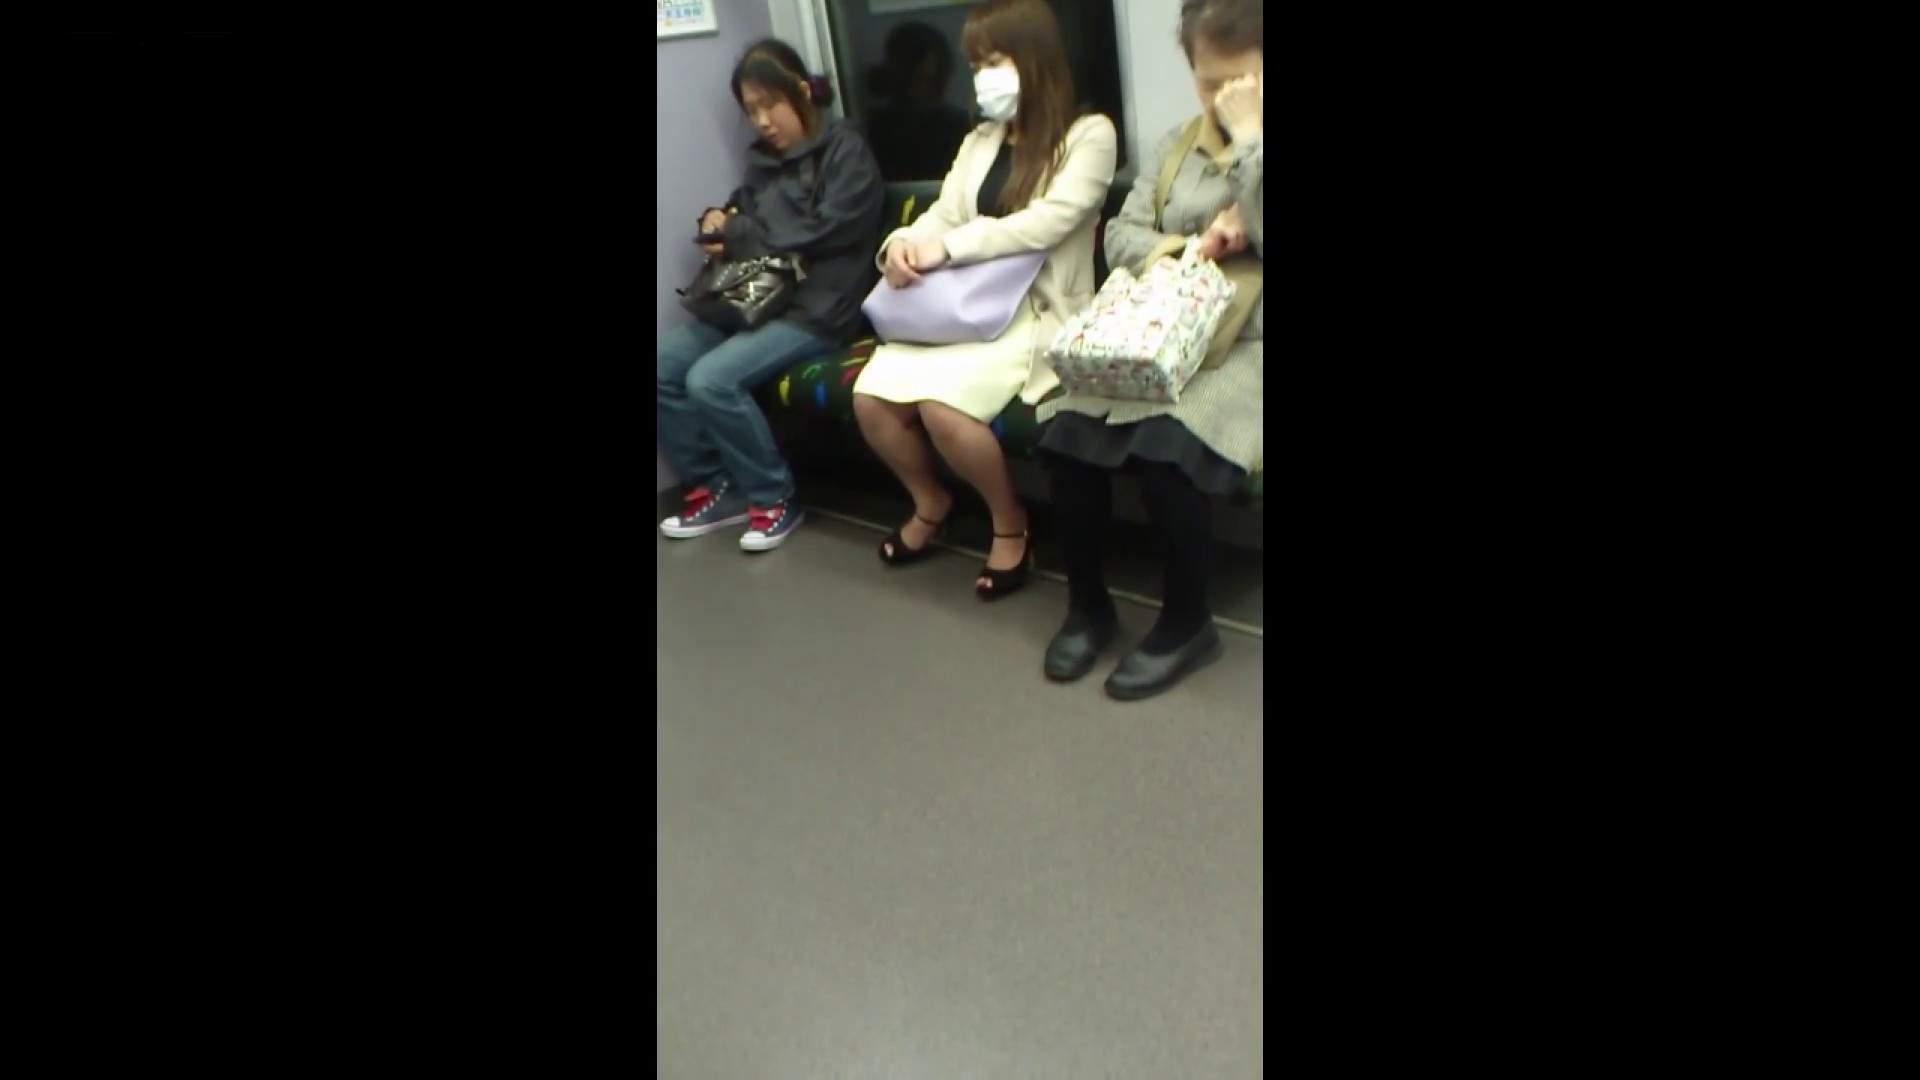 盗撮列車 Vol.55 黄色の爽やかなスカートが大好きです。 盗撮エロすぎ | OL  38連発 25